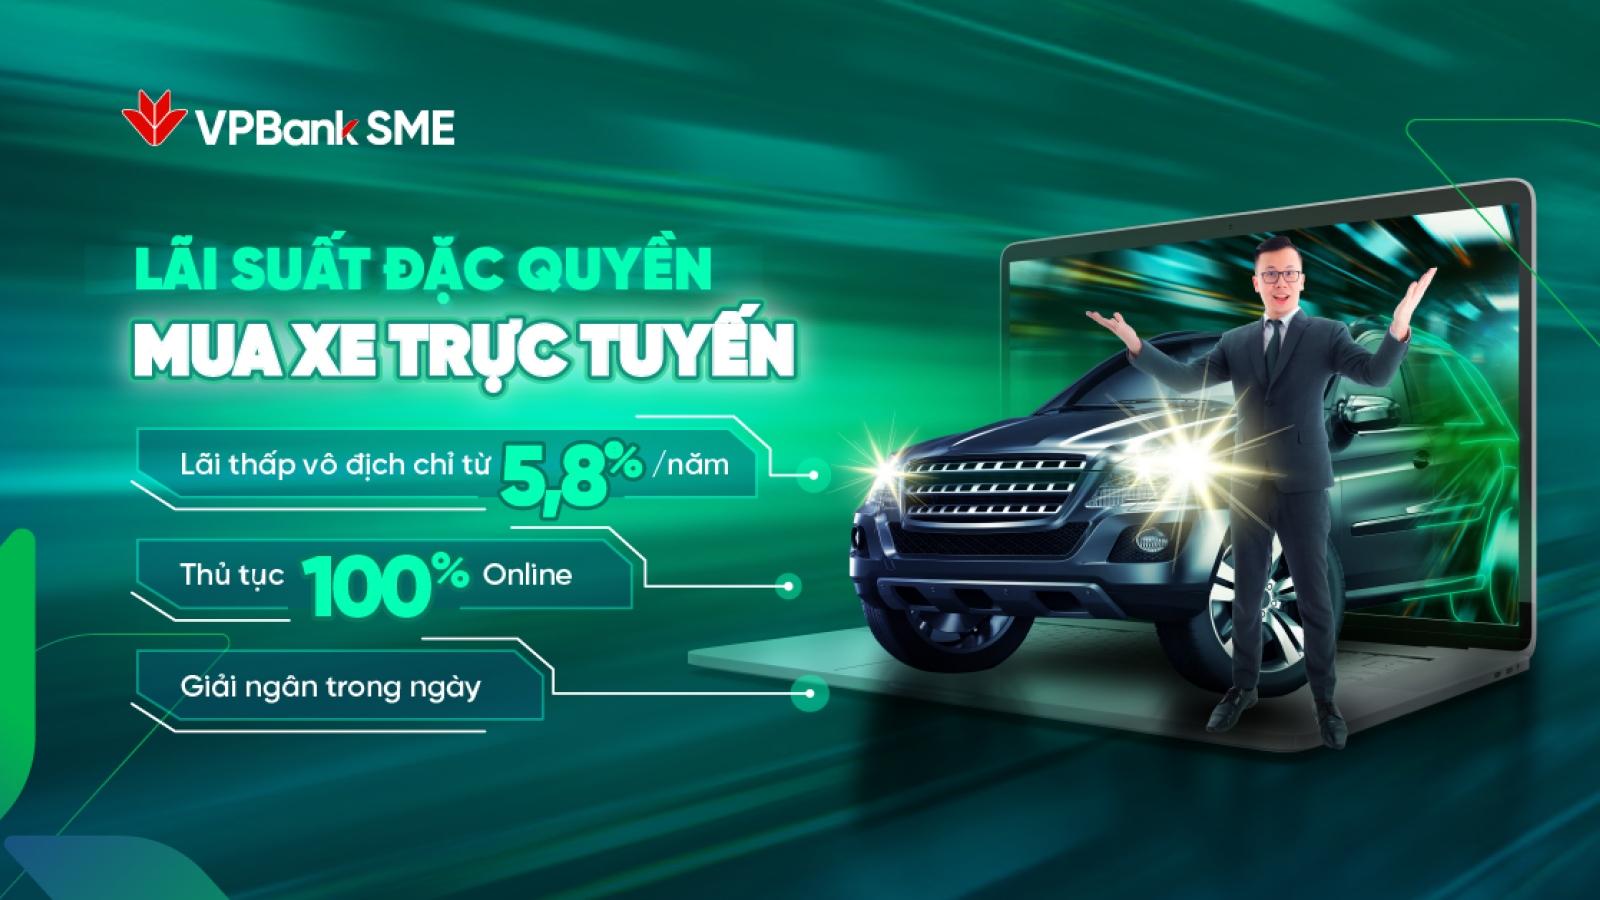 """Doanh nghiệp vay mua ô tô """"siêu tốc"""" chỉ trong 4h với lãi suất 5,8%/năm tại VPBank"""